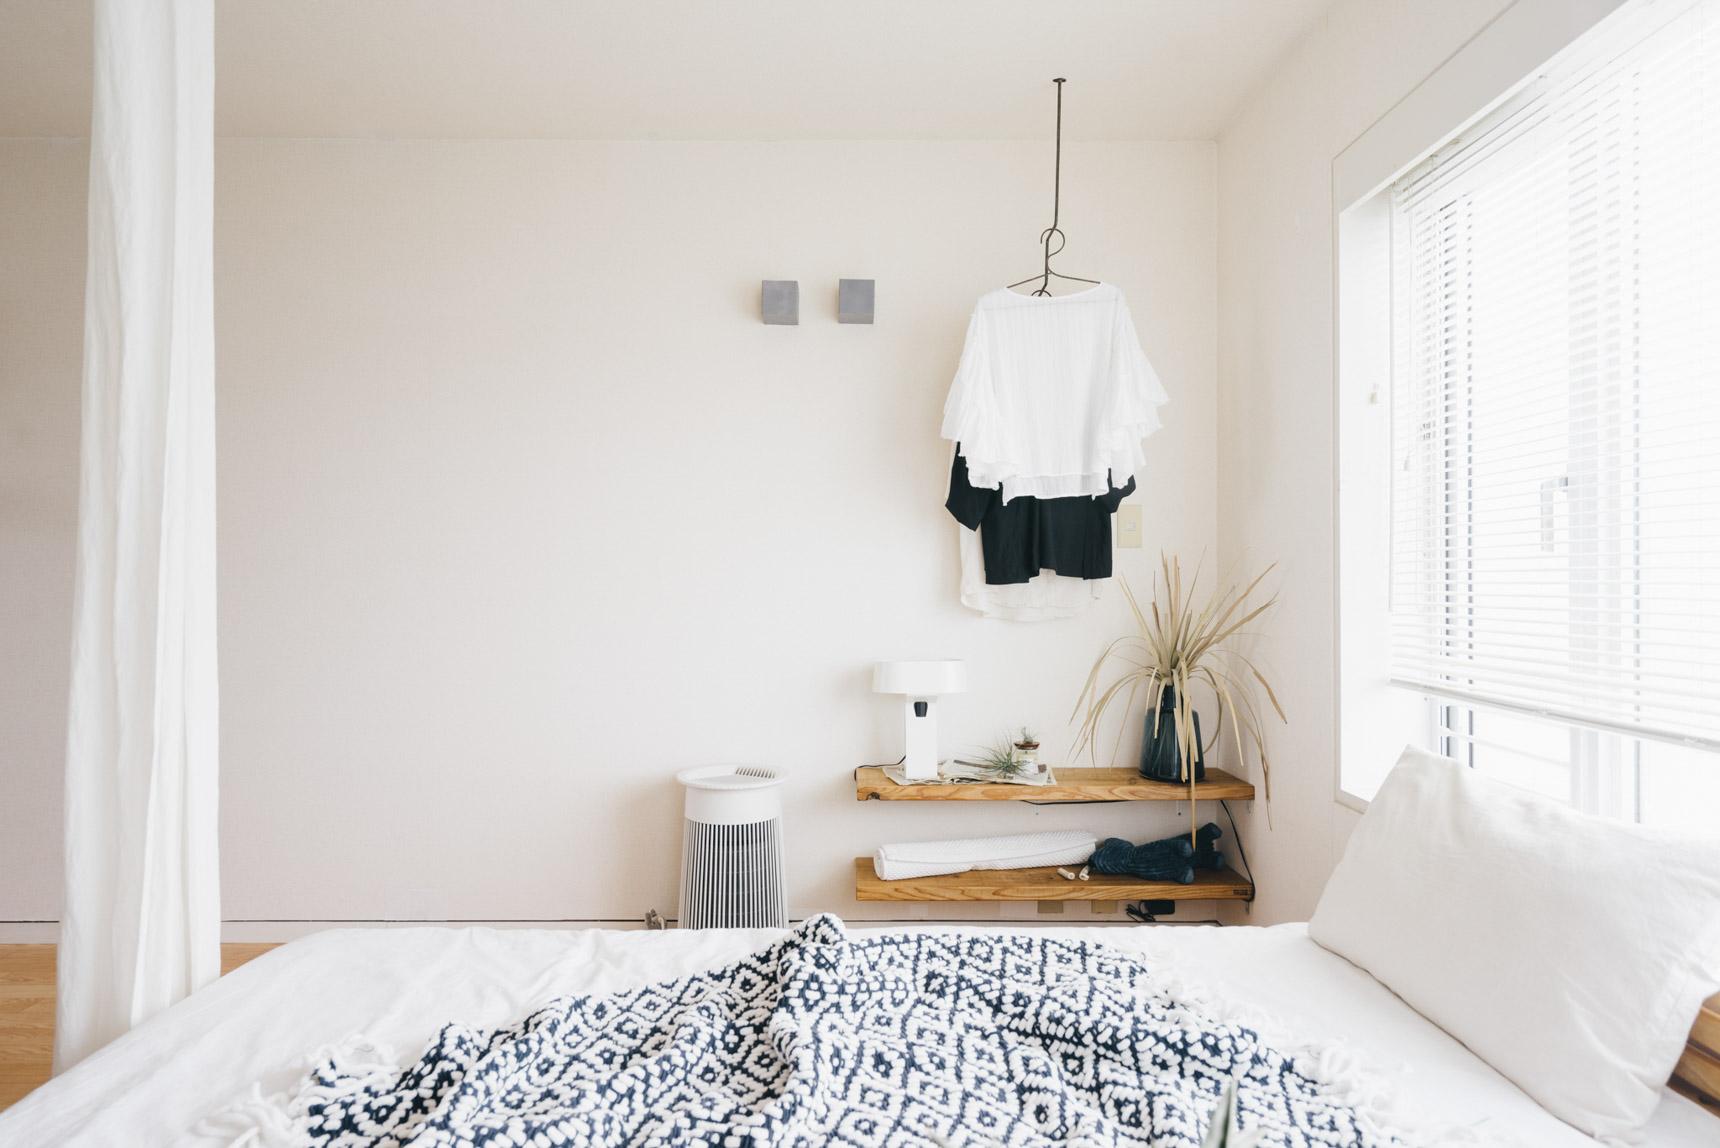 天井と壁をアイアンのウォールでつないでいる、珍しいタイプのハンガーラック。シンプルだけど、個性的。思わず目を惹くデザインです。(このお部屋をもっと見る)